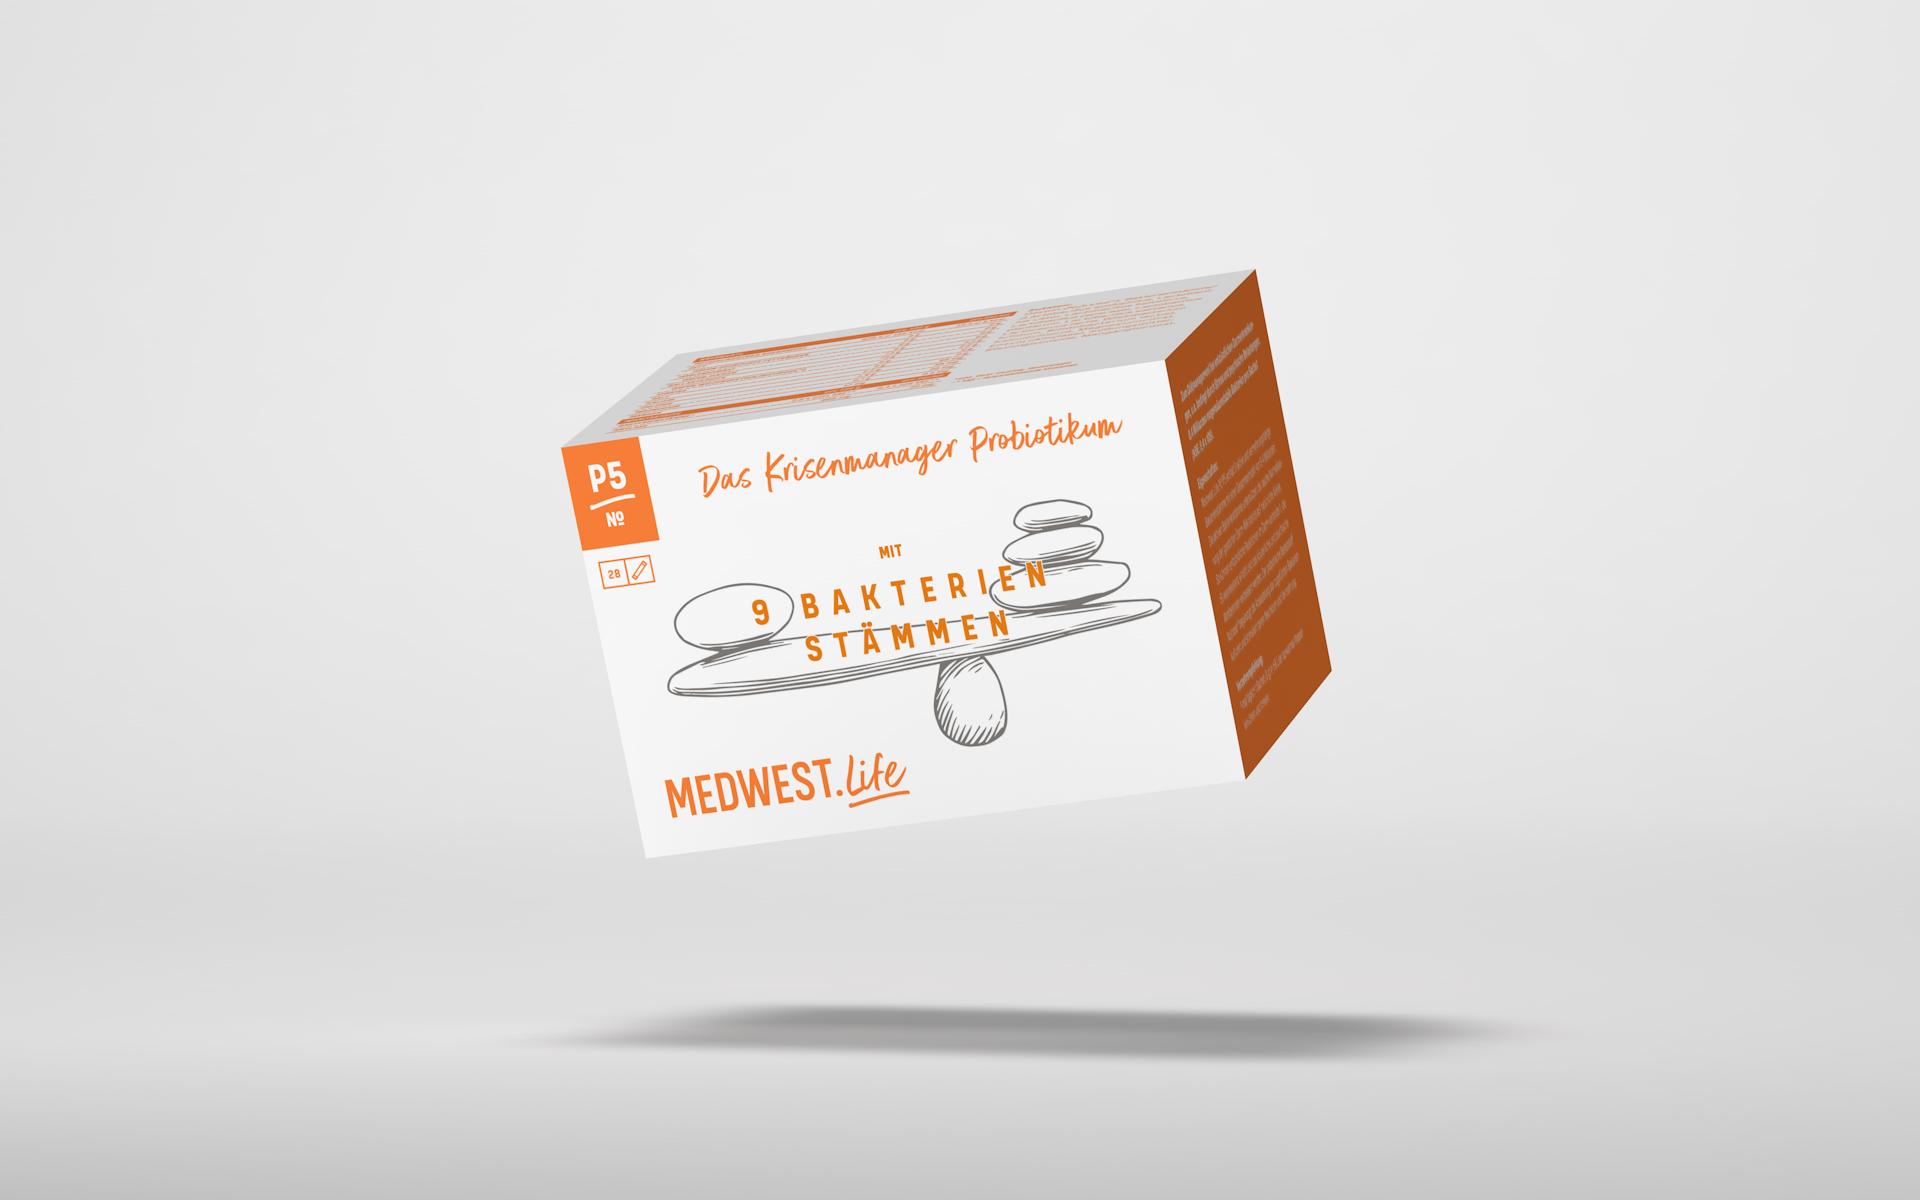 № P5 –  Das krisenmanager Probiotikum mit 7 Bakterienstämmen